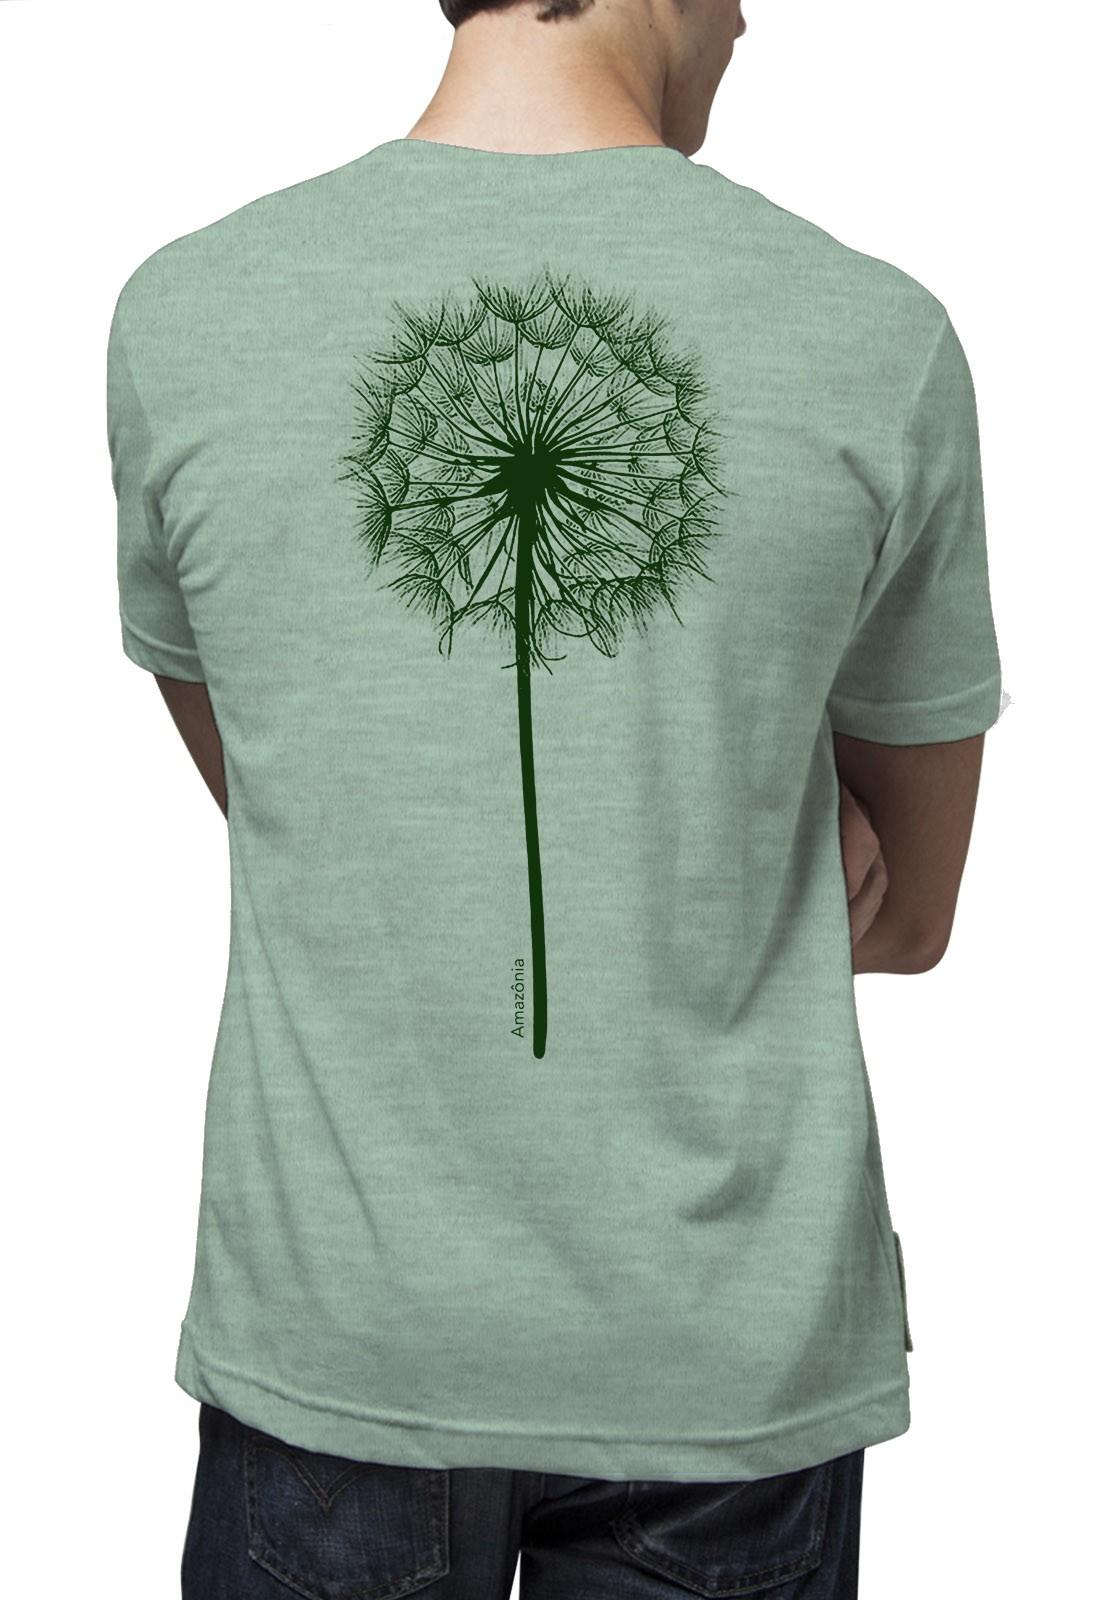 Camiseta Amazônia Dente-de-Leão - Verde Mescla